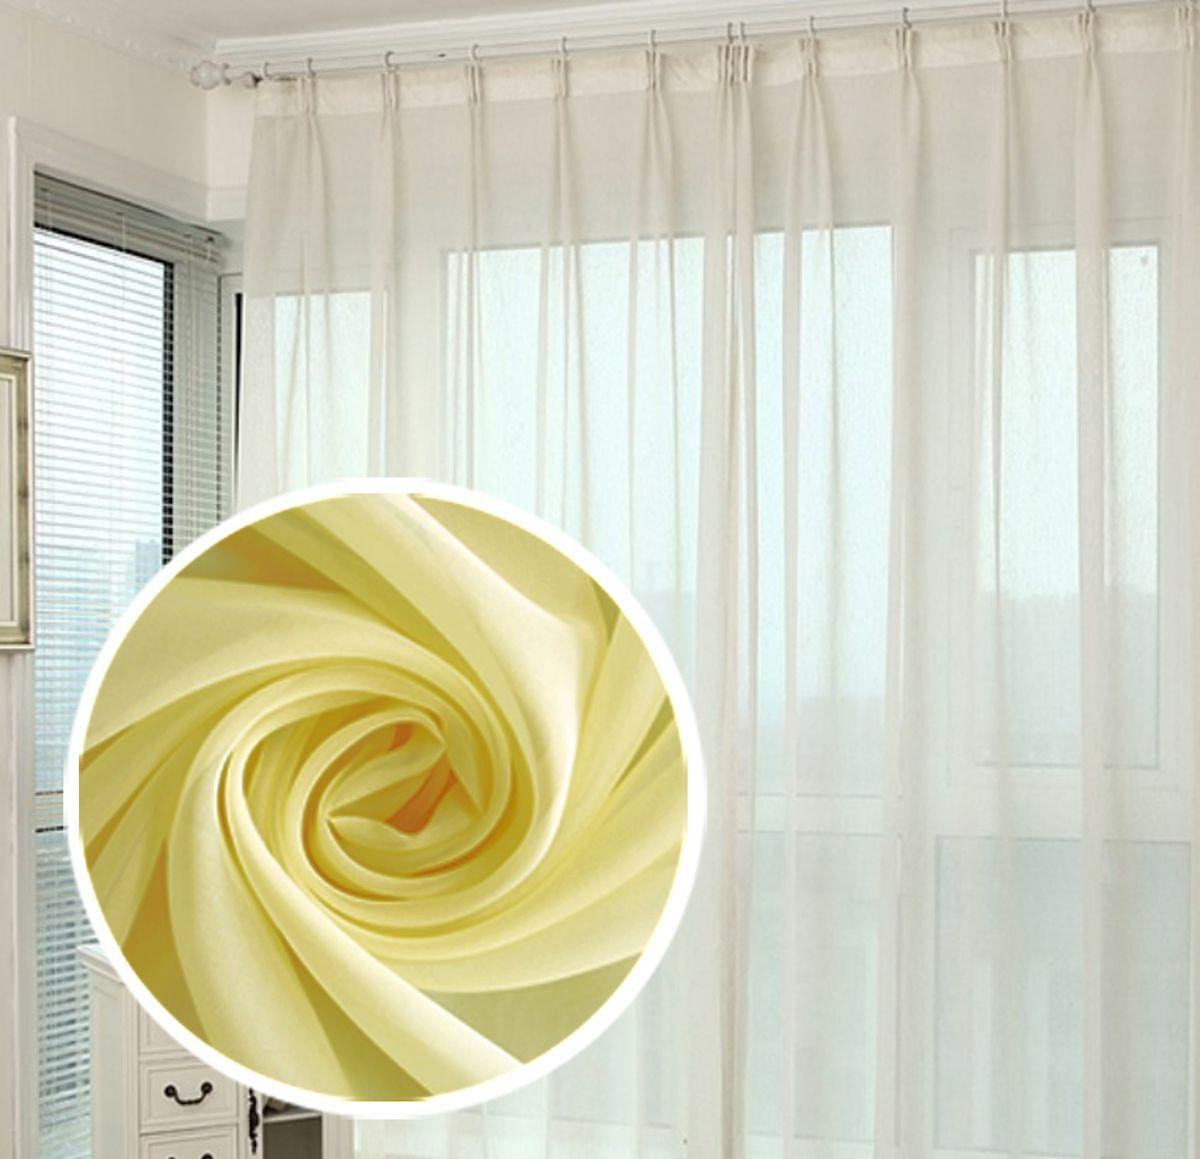 Вуаль Amore Mio Однотонная, 600х290 см, 1 шт, цвет: желтый. 7856278562Однотонная легкая вуаль нежного цвета в классическом однотонном исполнении. Незаменимая деталь в оформлении окон спальни и гостинной. Отлично сочетается практически с любыми портьерами. Изделие на шторной ленте, готово к использованию. В комплект входит: Вуаль 600х290 см - 1 шт.